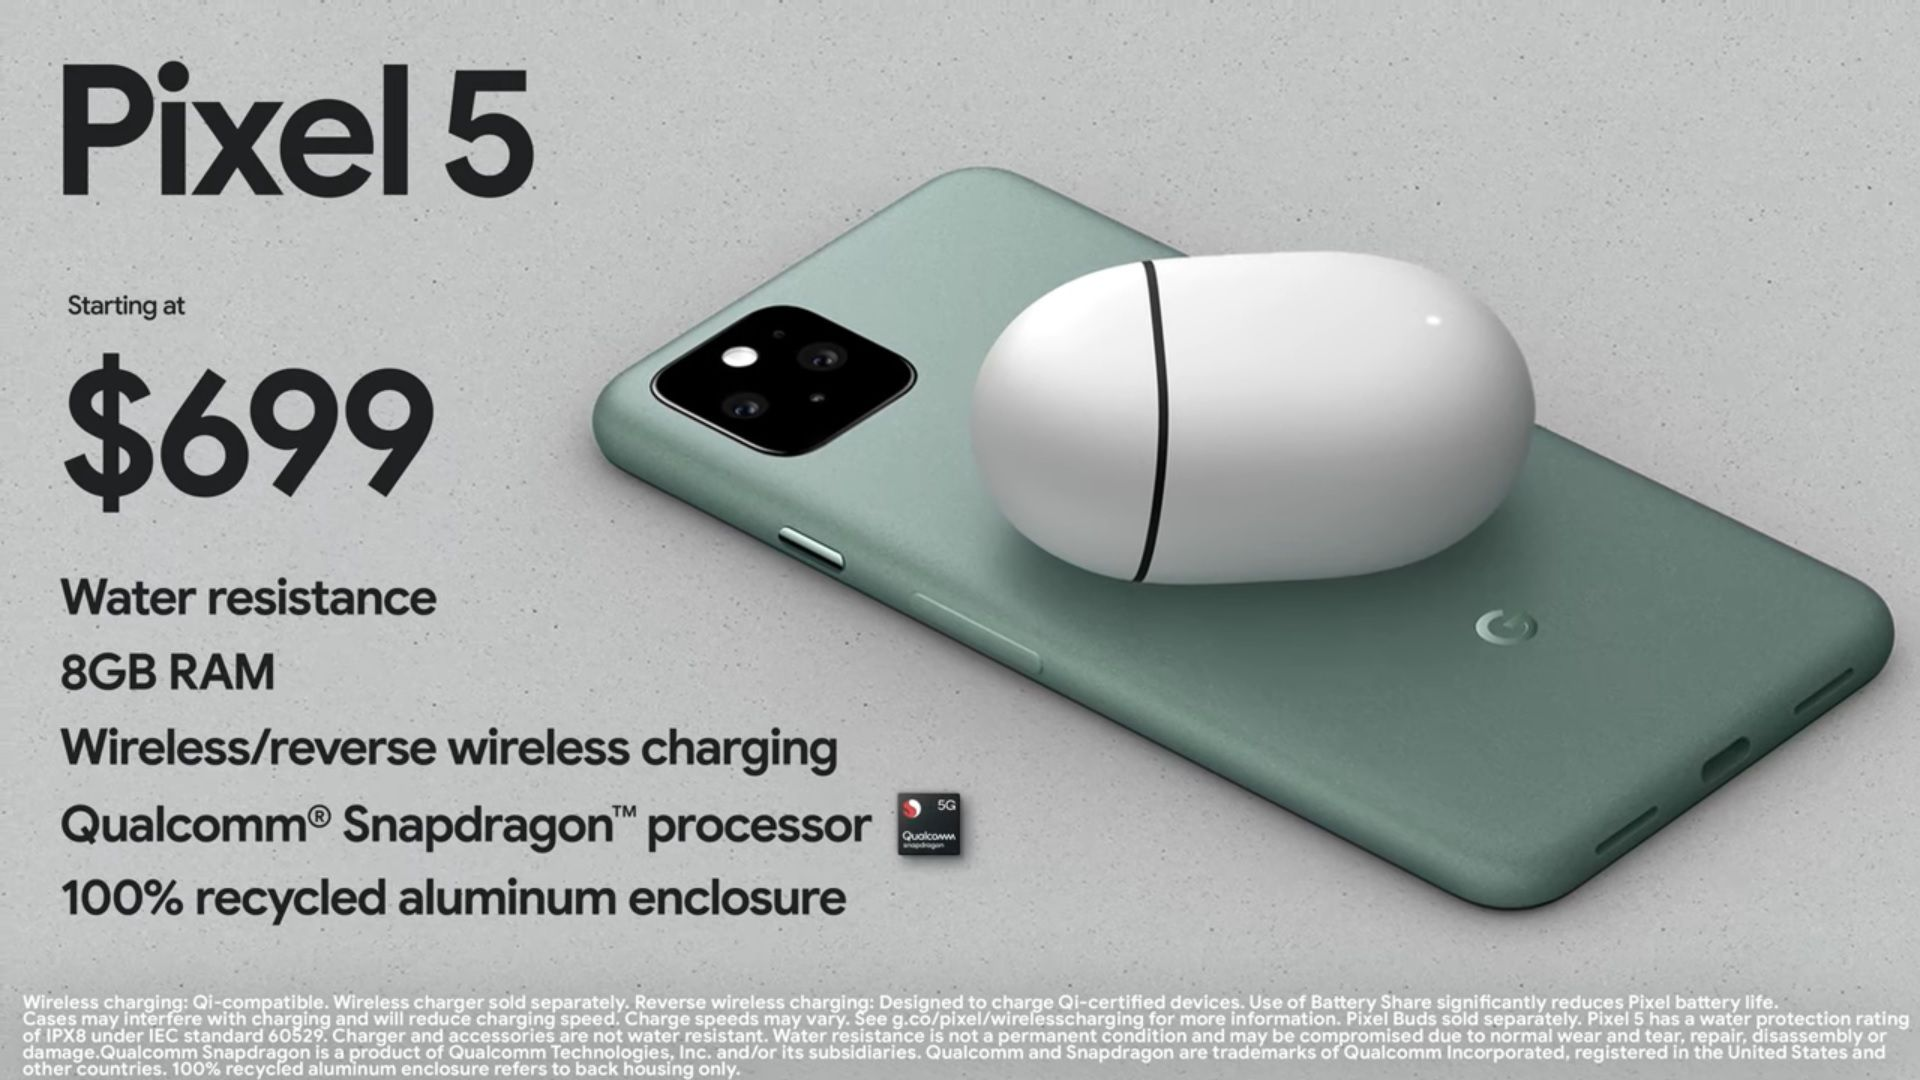 Pixel 5 tem preço a partir de US$ 699 e terá carregamento wireless e reverso (Foto: Divulgação/Google)